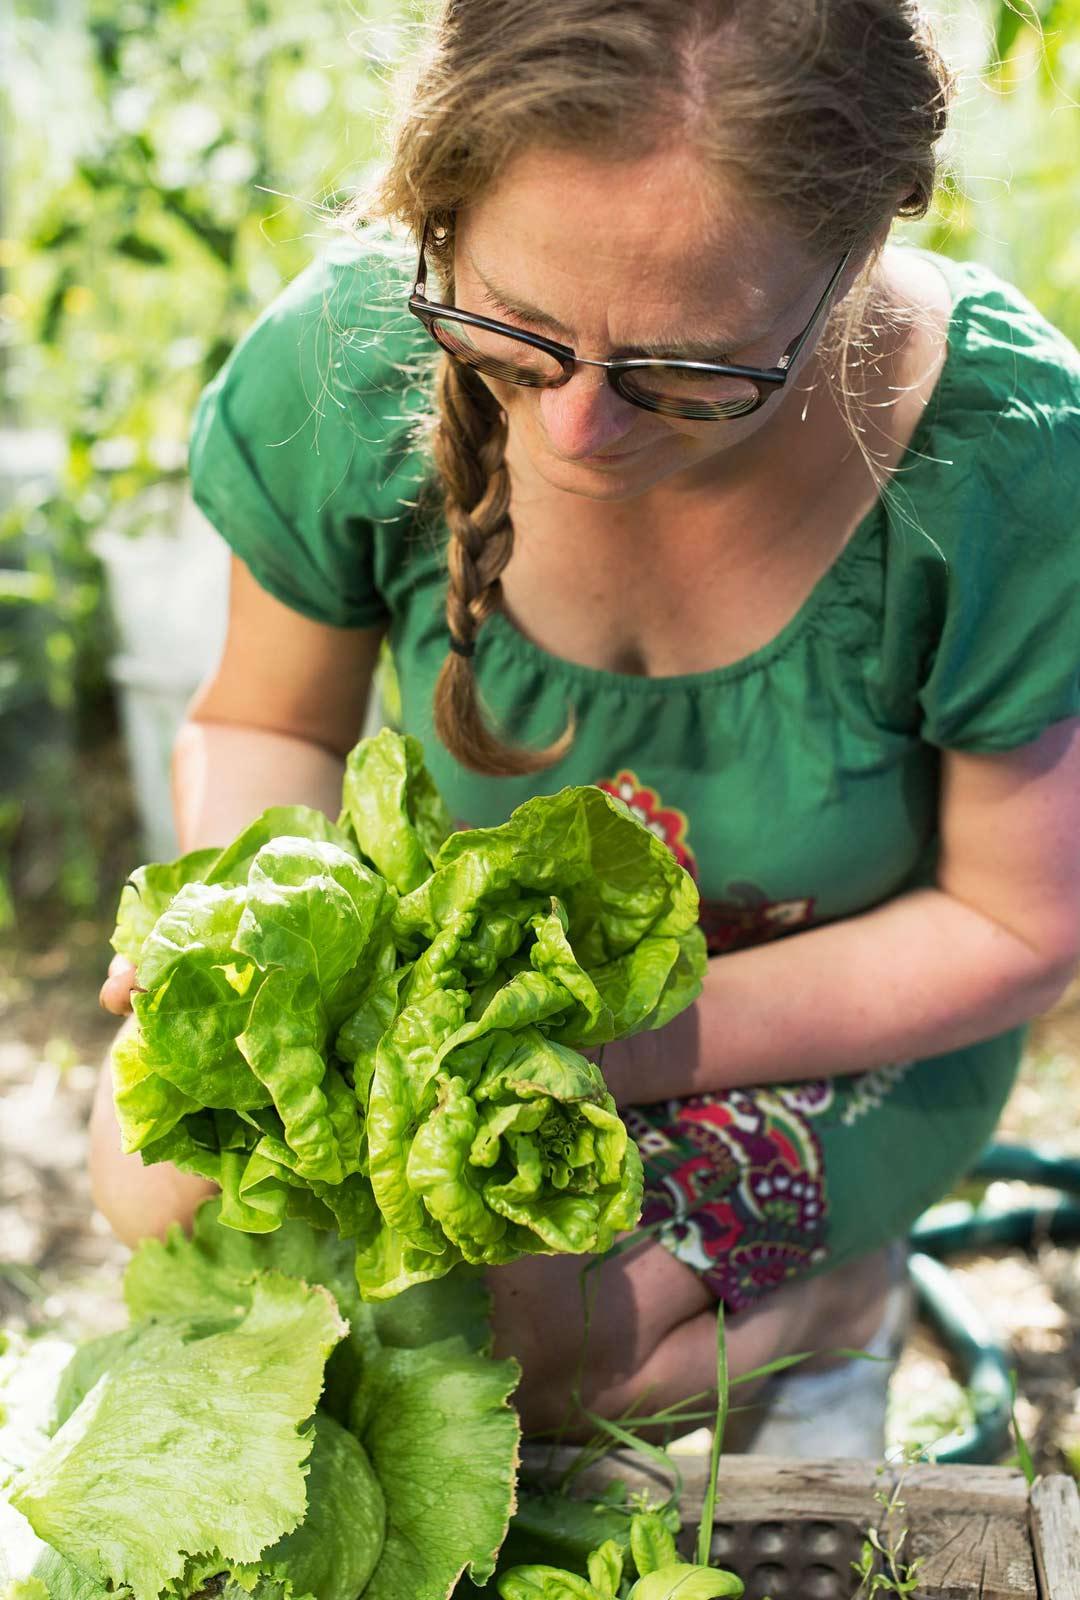 Oman pellon salaatti on Maria Österåkerille arvovalinta: se on paitsi melkein ilmaista, myös pieni ympäristöteko.